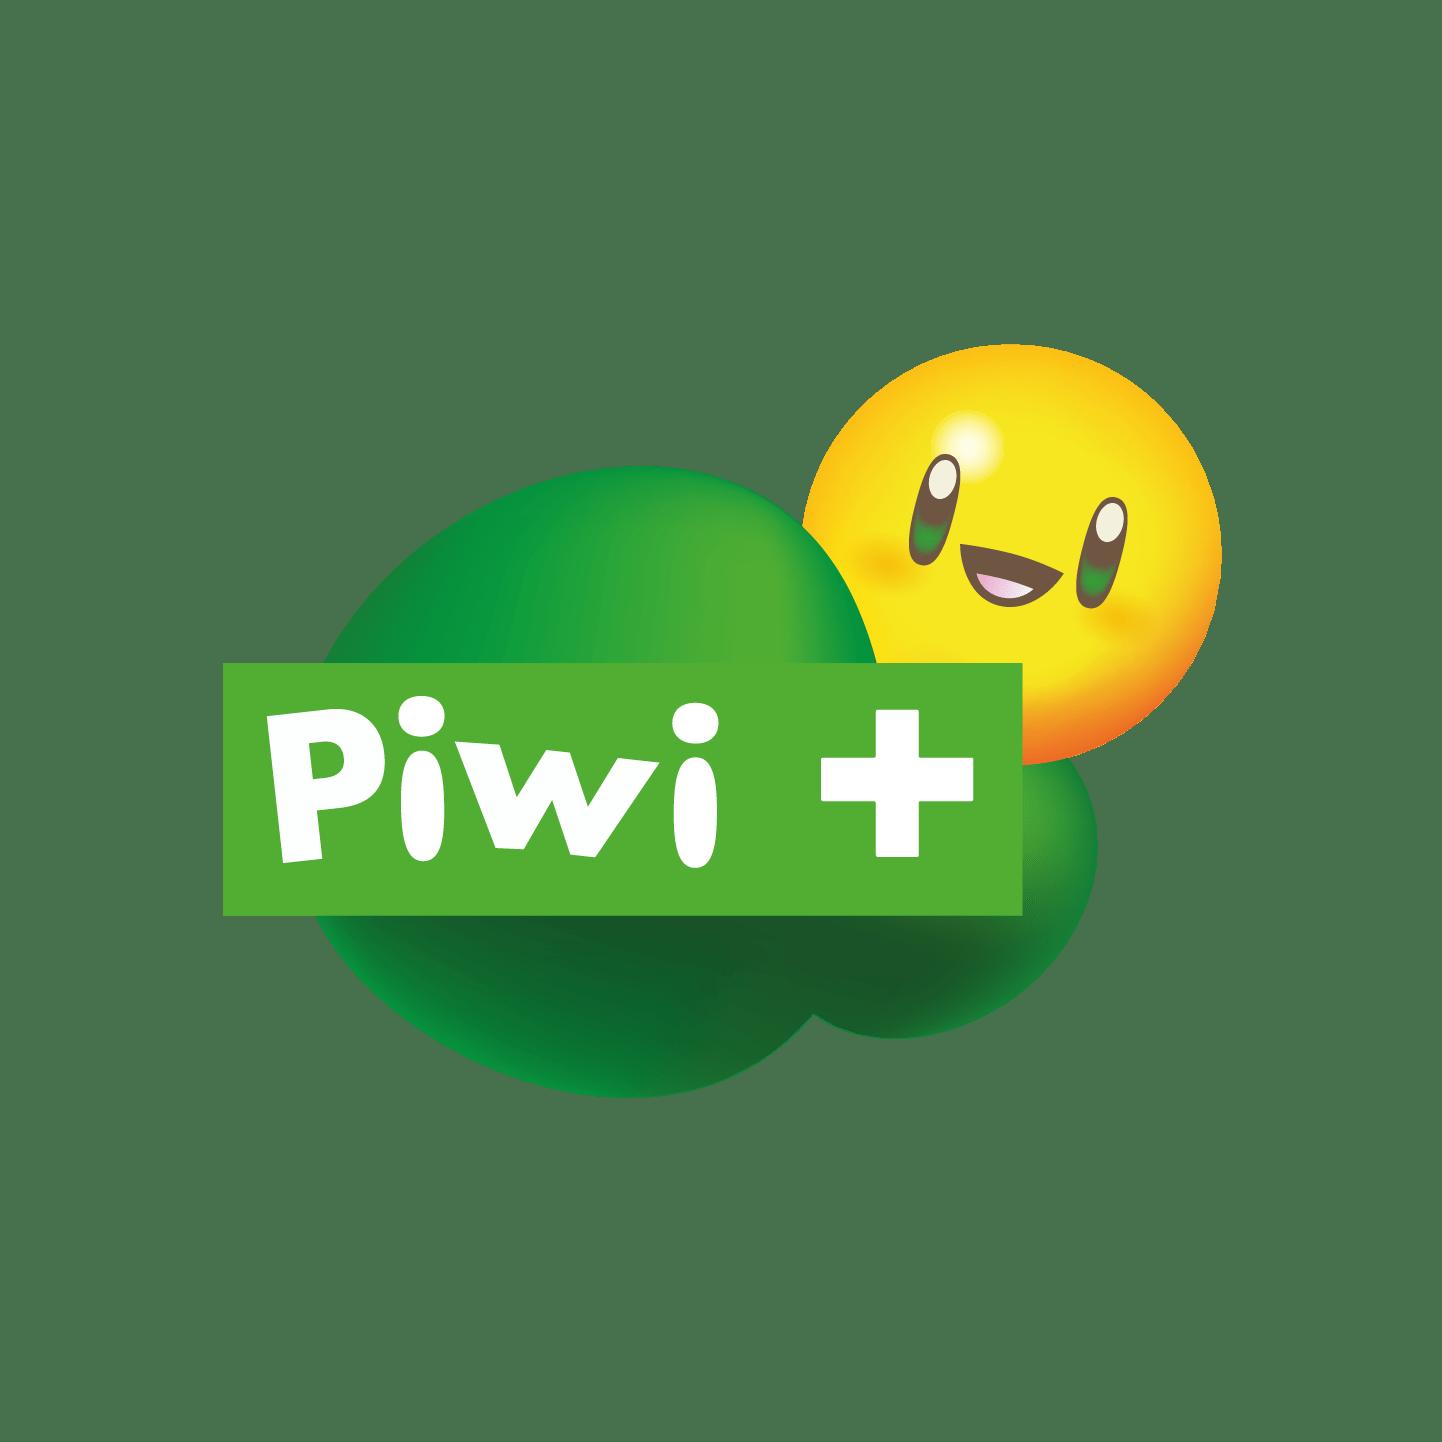 Logo Piwi+